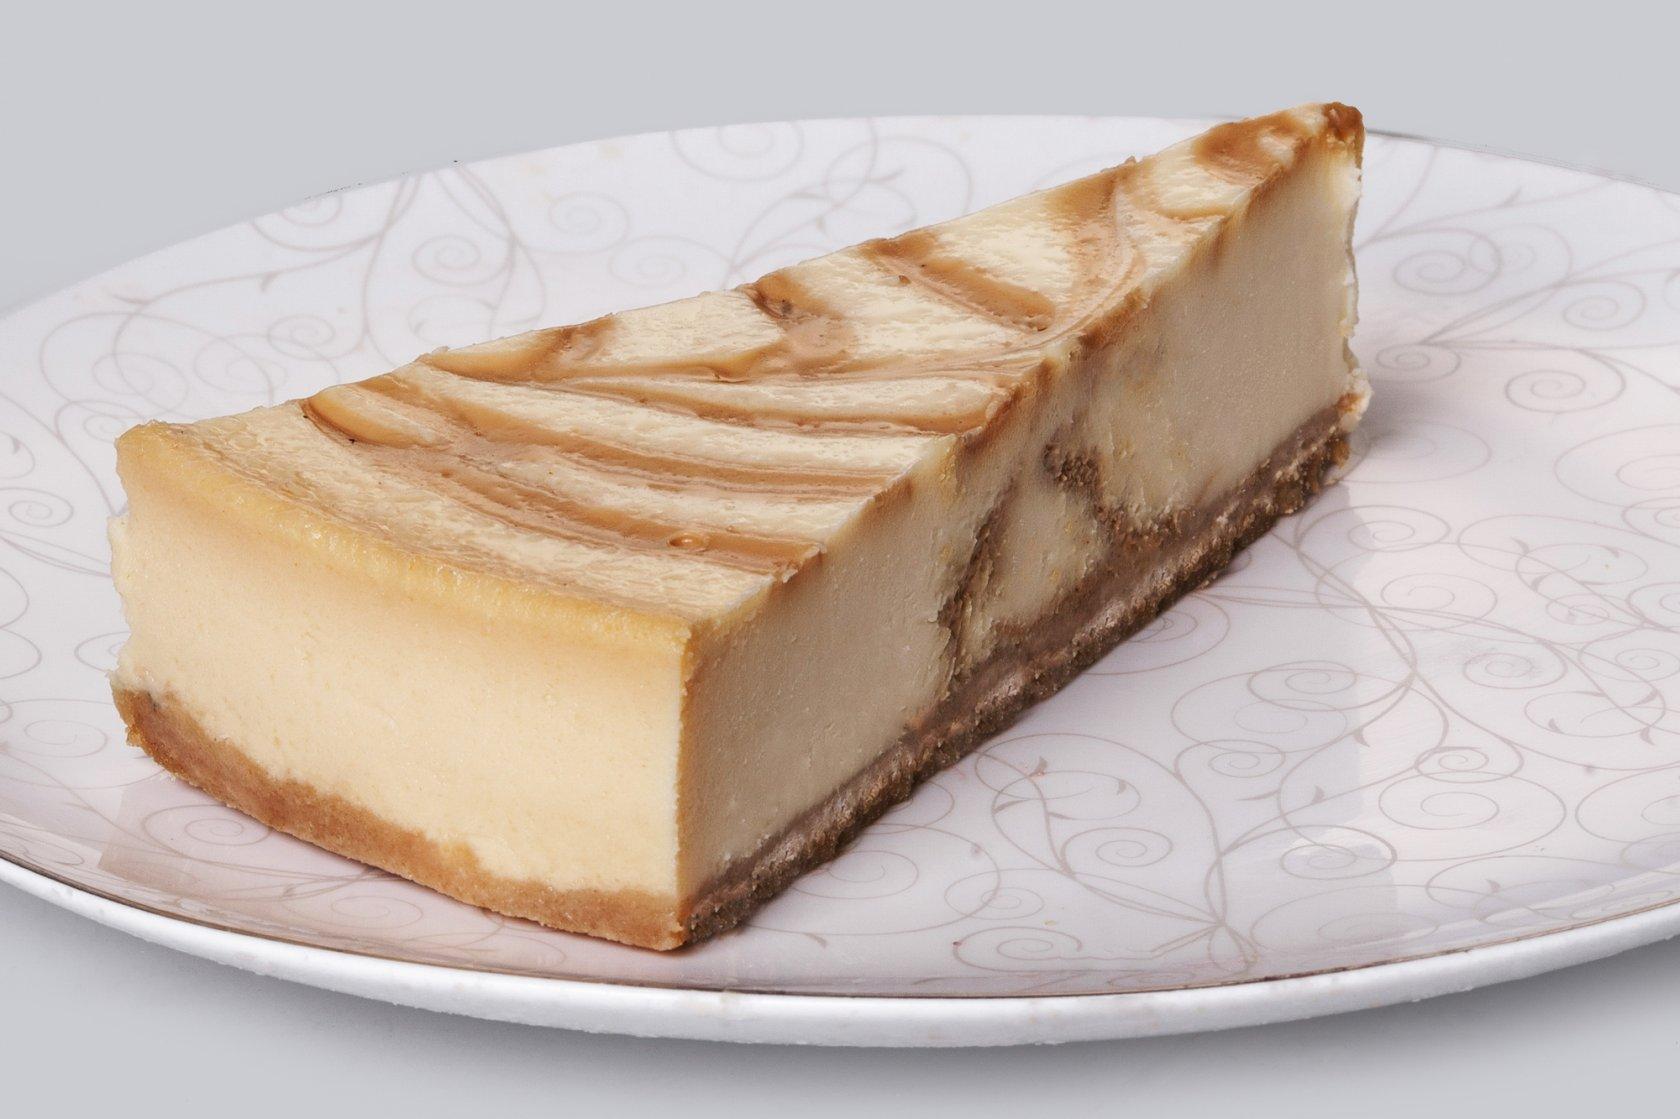 карамельный чизкейк без выпечки рецепт с фото для тех, кто